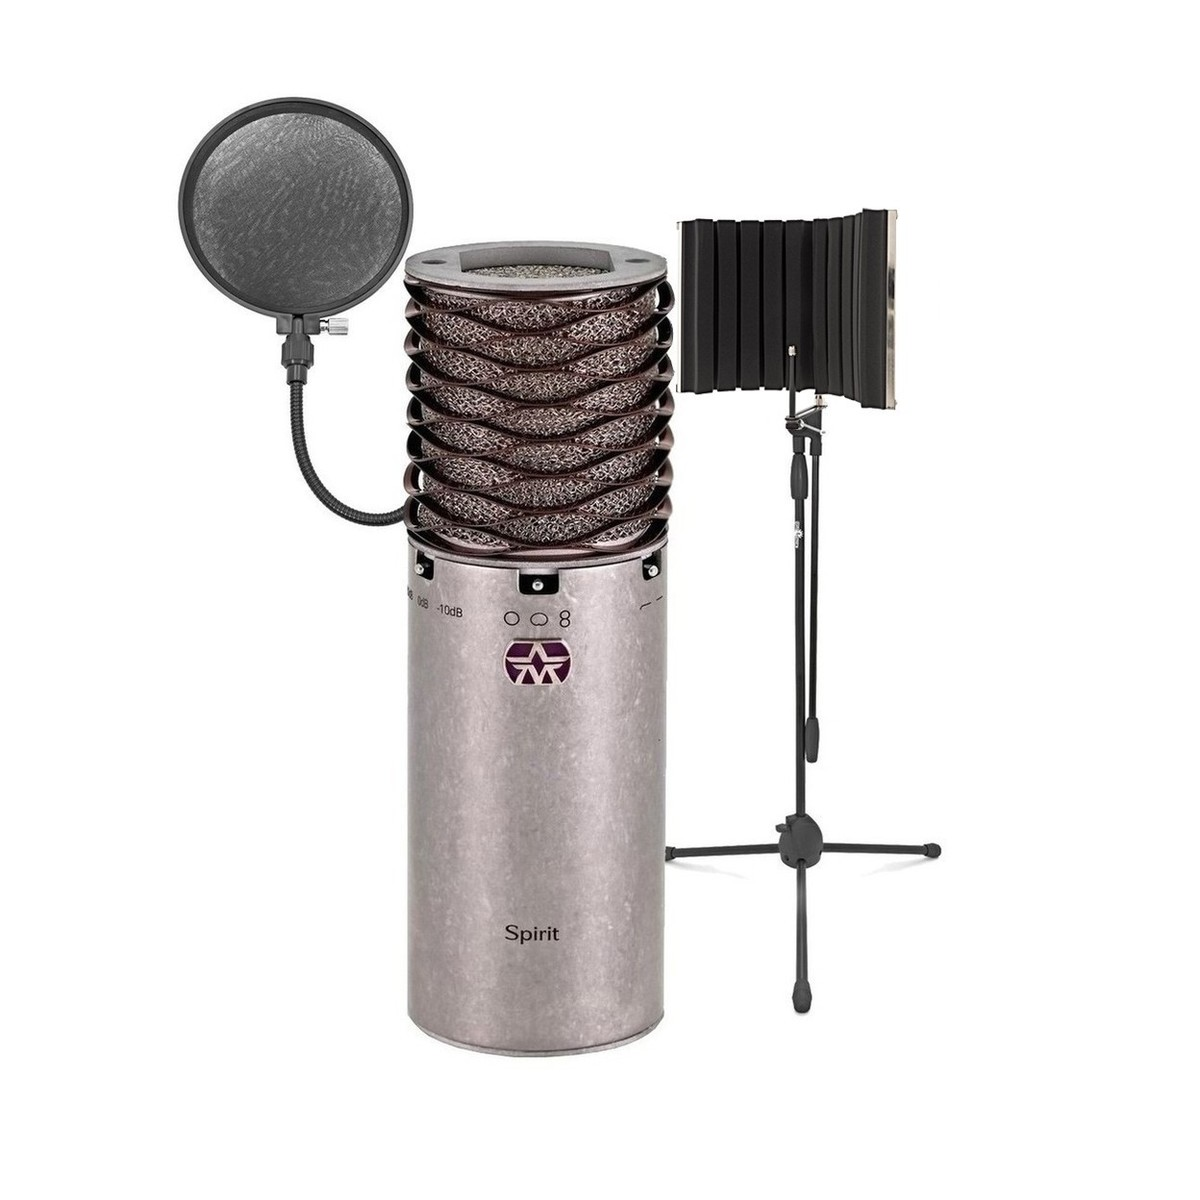 Aston Microphones Spirit Multi Pattern Condenser Microphone